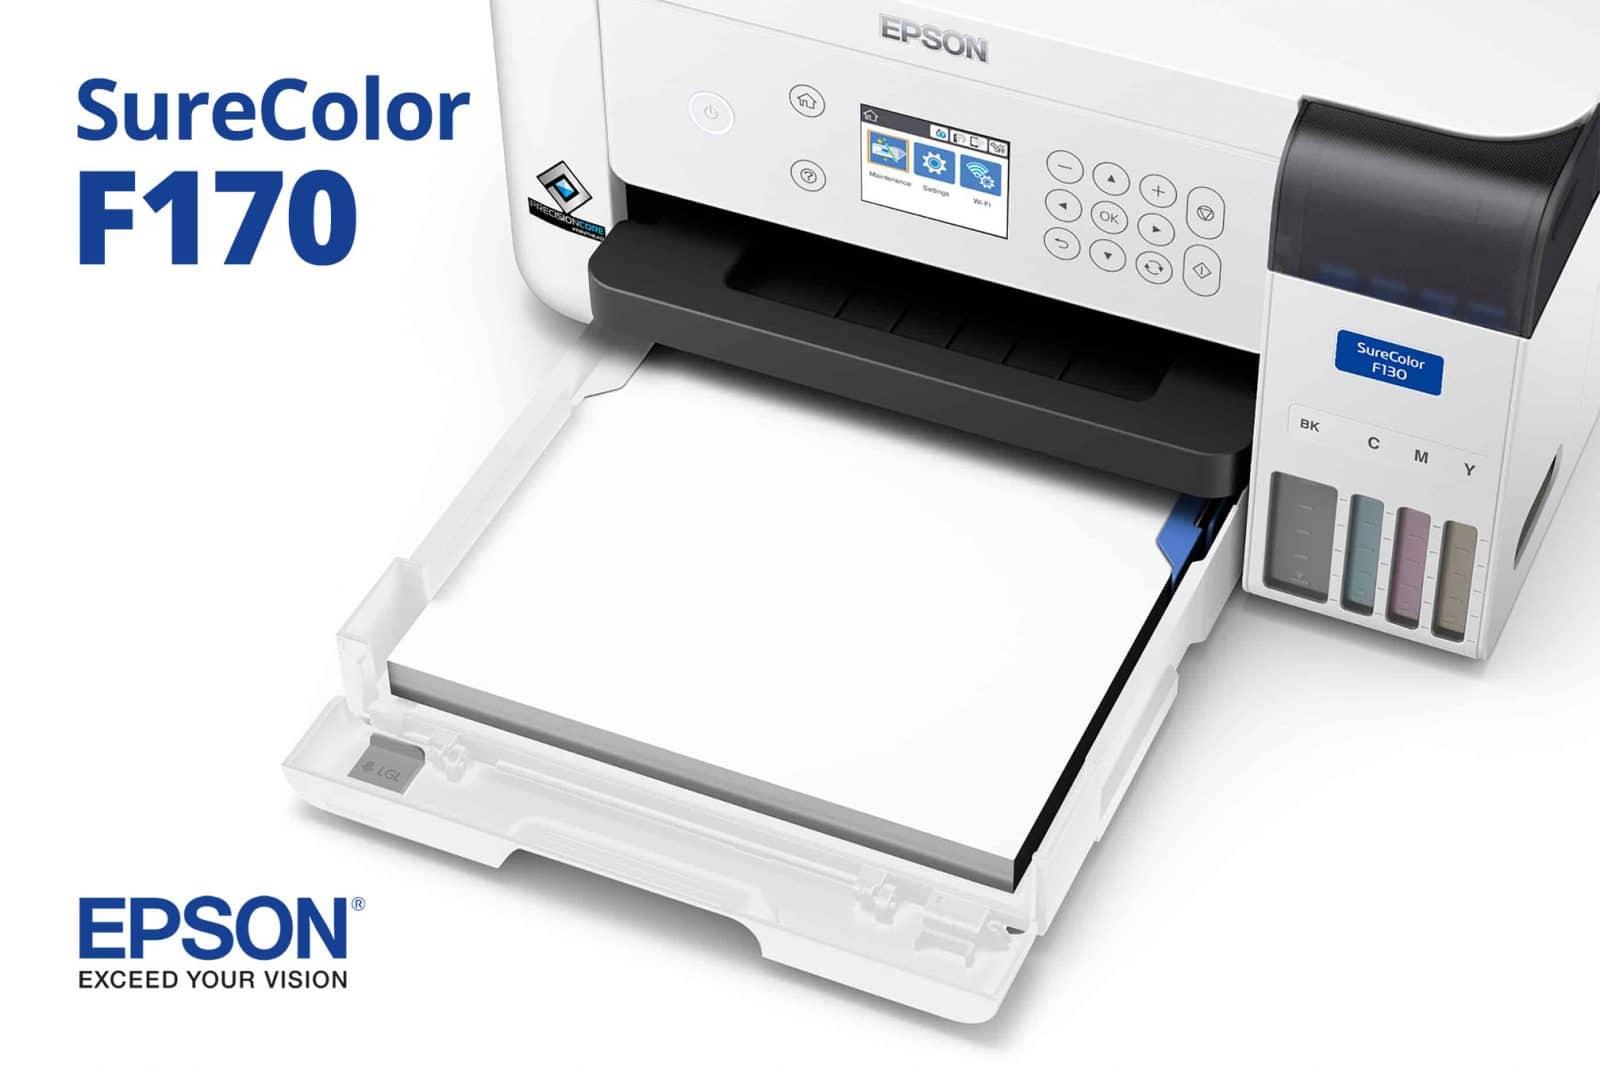 Primer Impresora Sublimacion Epson SureColor F170 Mexico